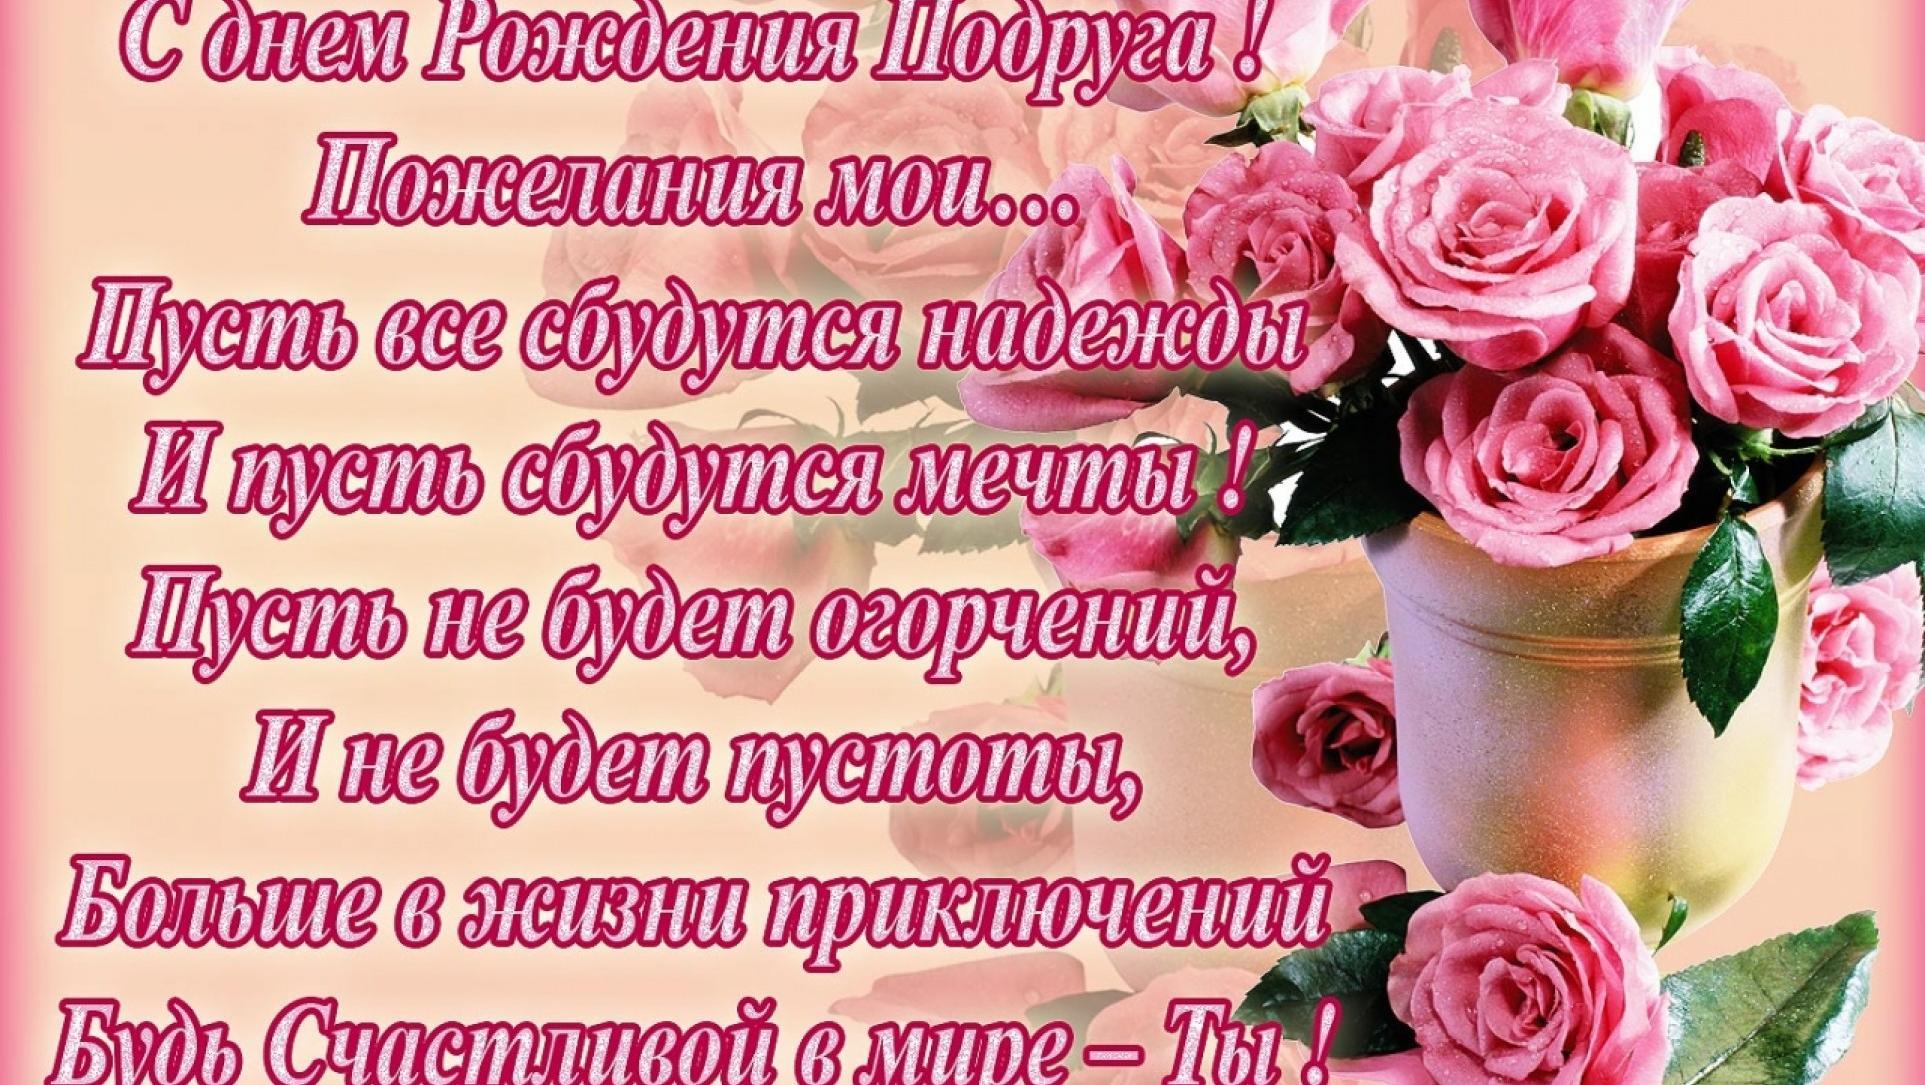 С днем рождения подружка красивое поздравление